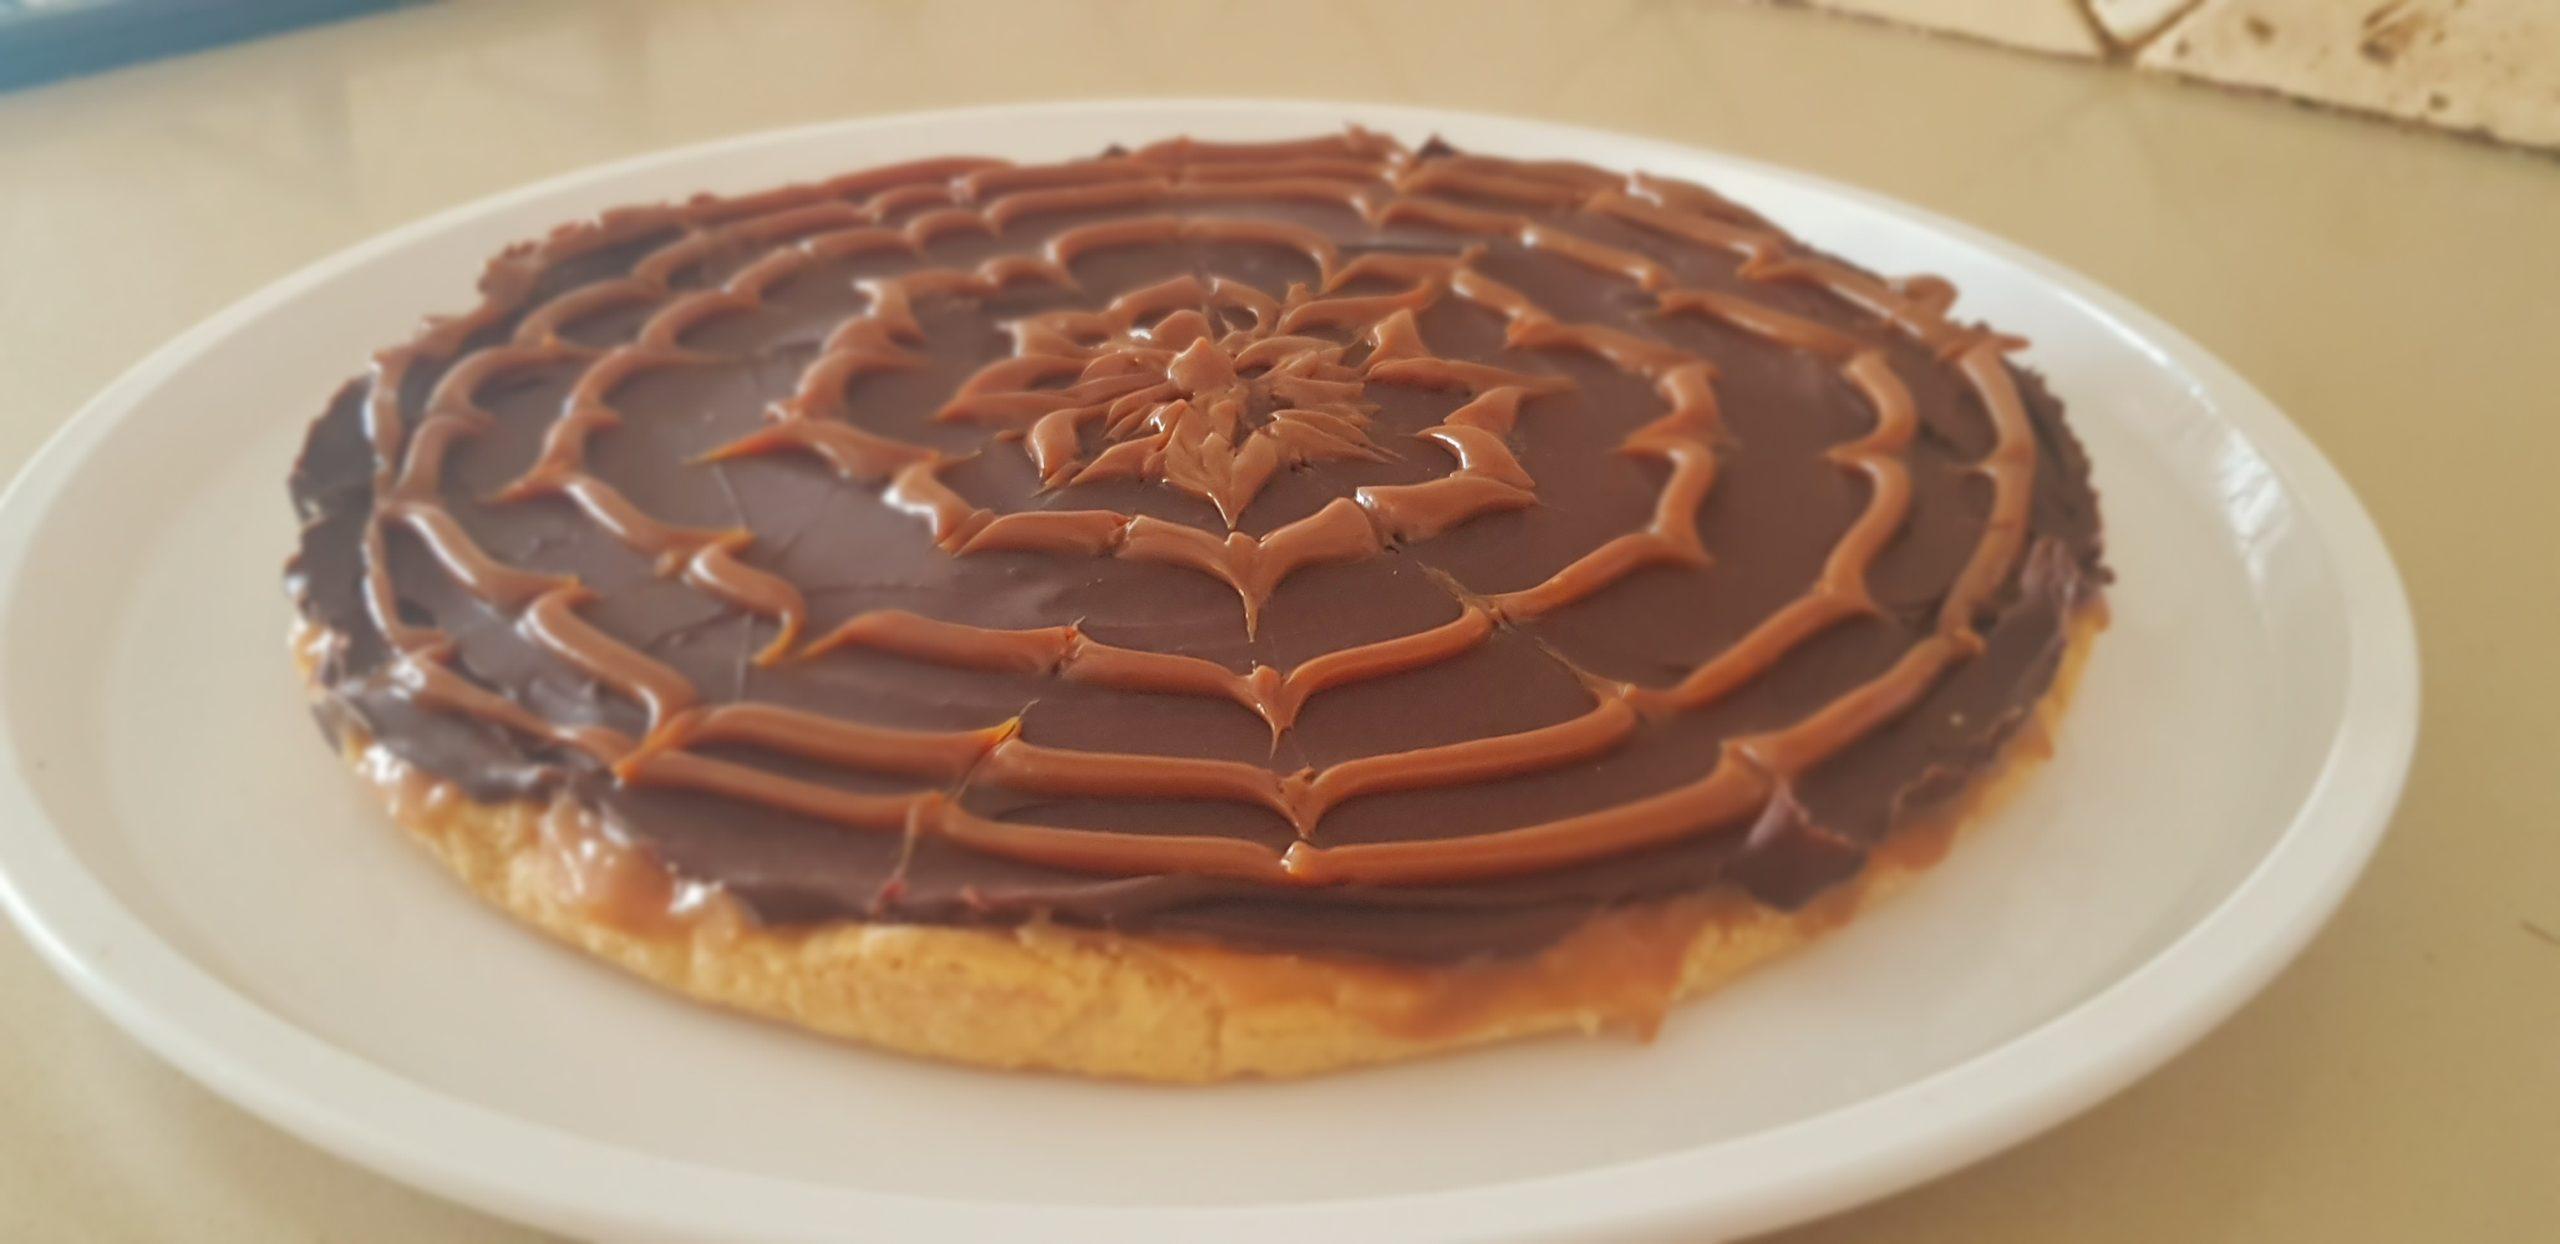 Tartes sablée au caramel et chocolat